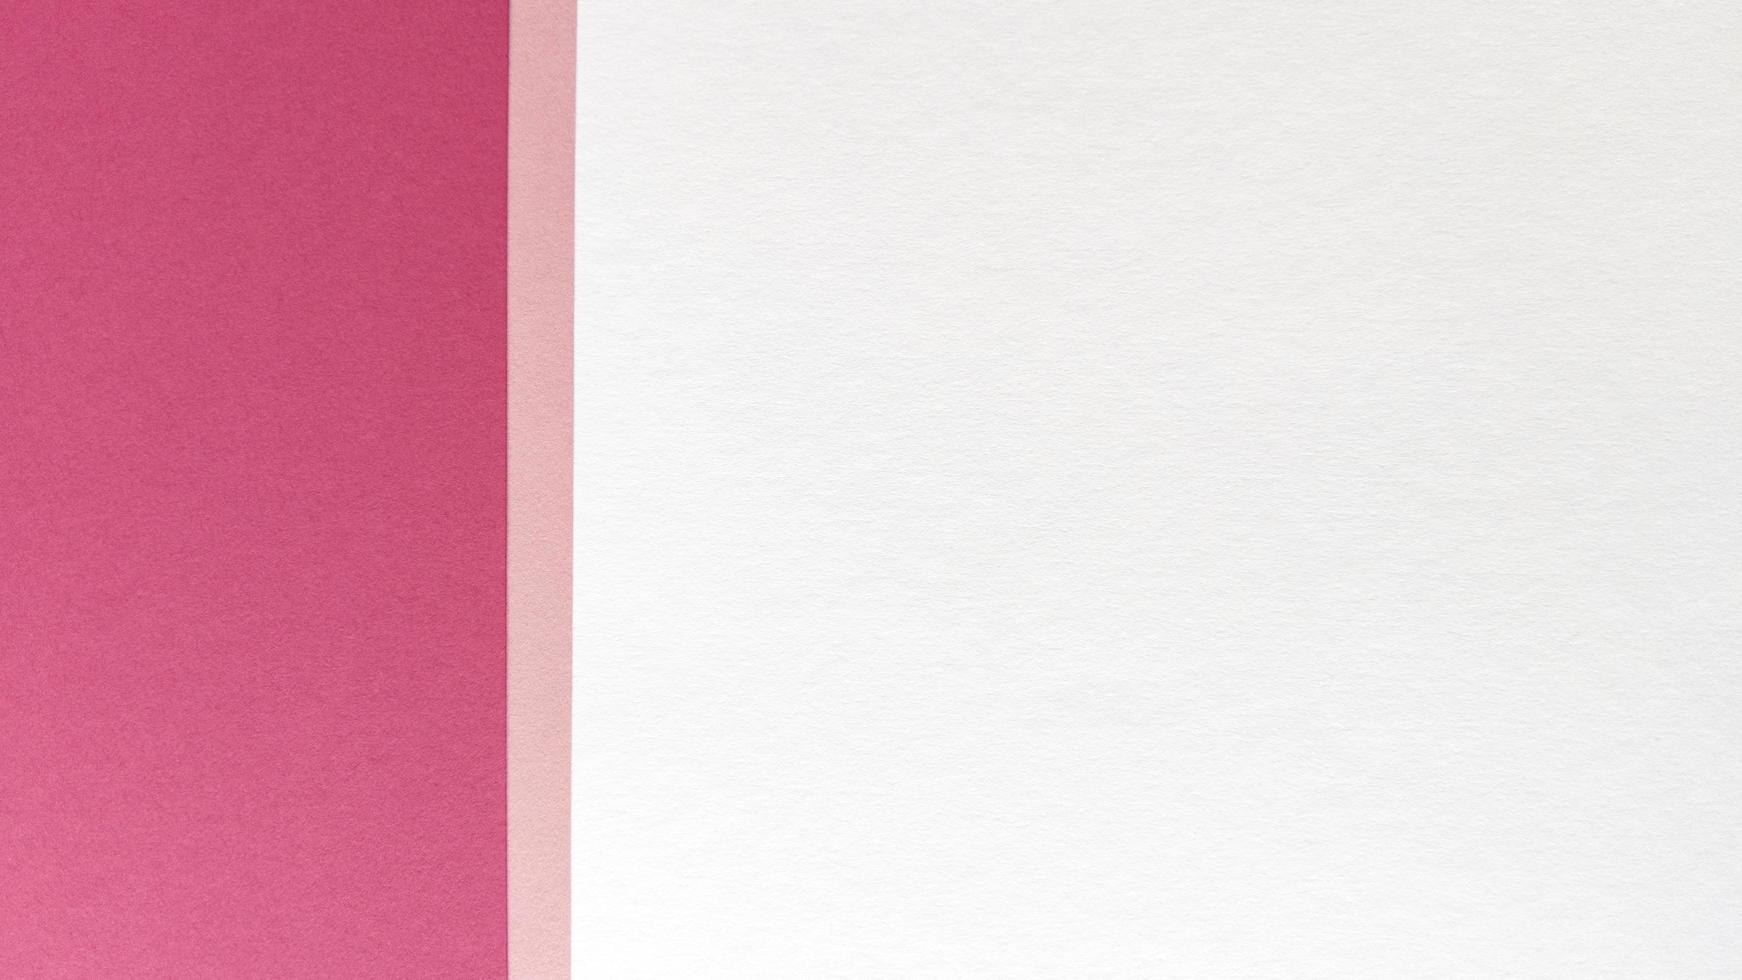 semplice piatto laici con texture pastello. sfondo di carta rosa e bianco. foto d'archivio.